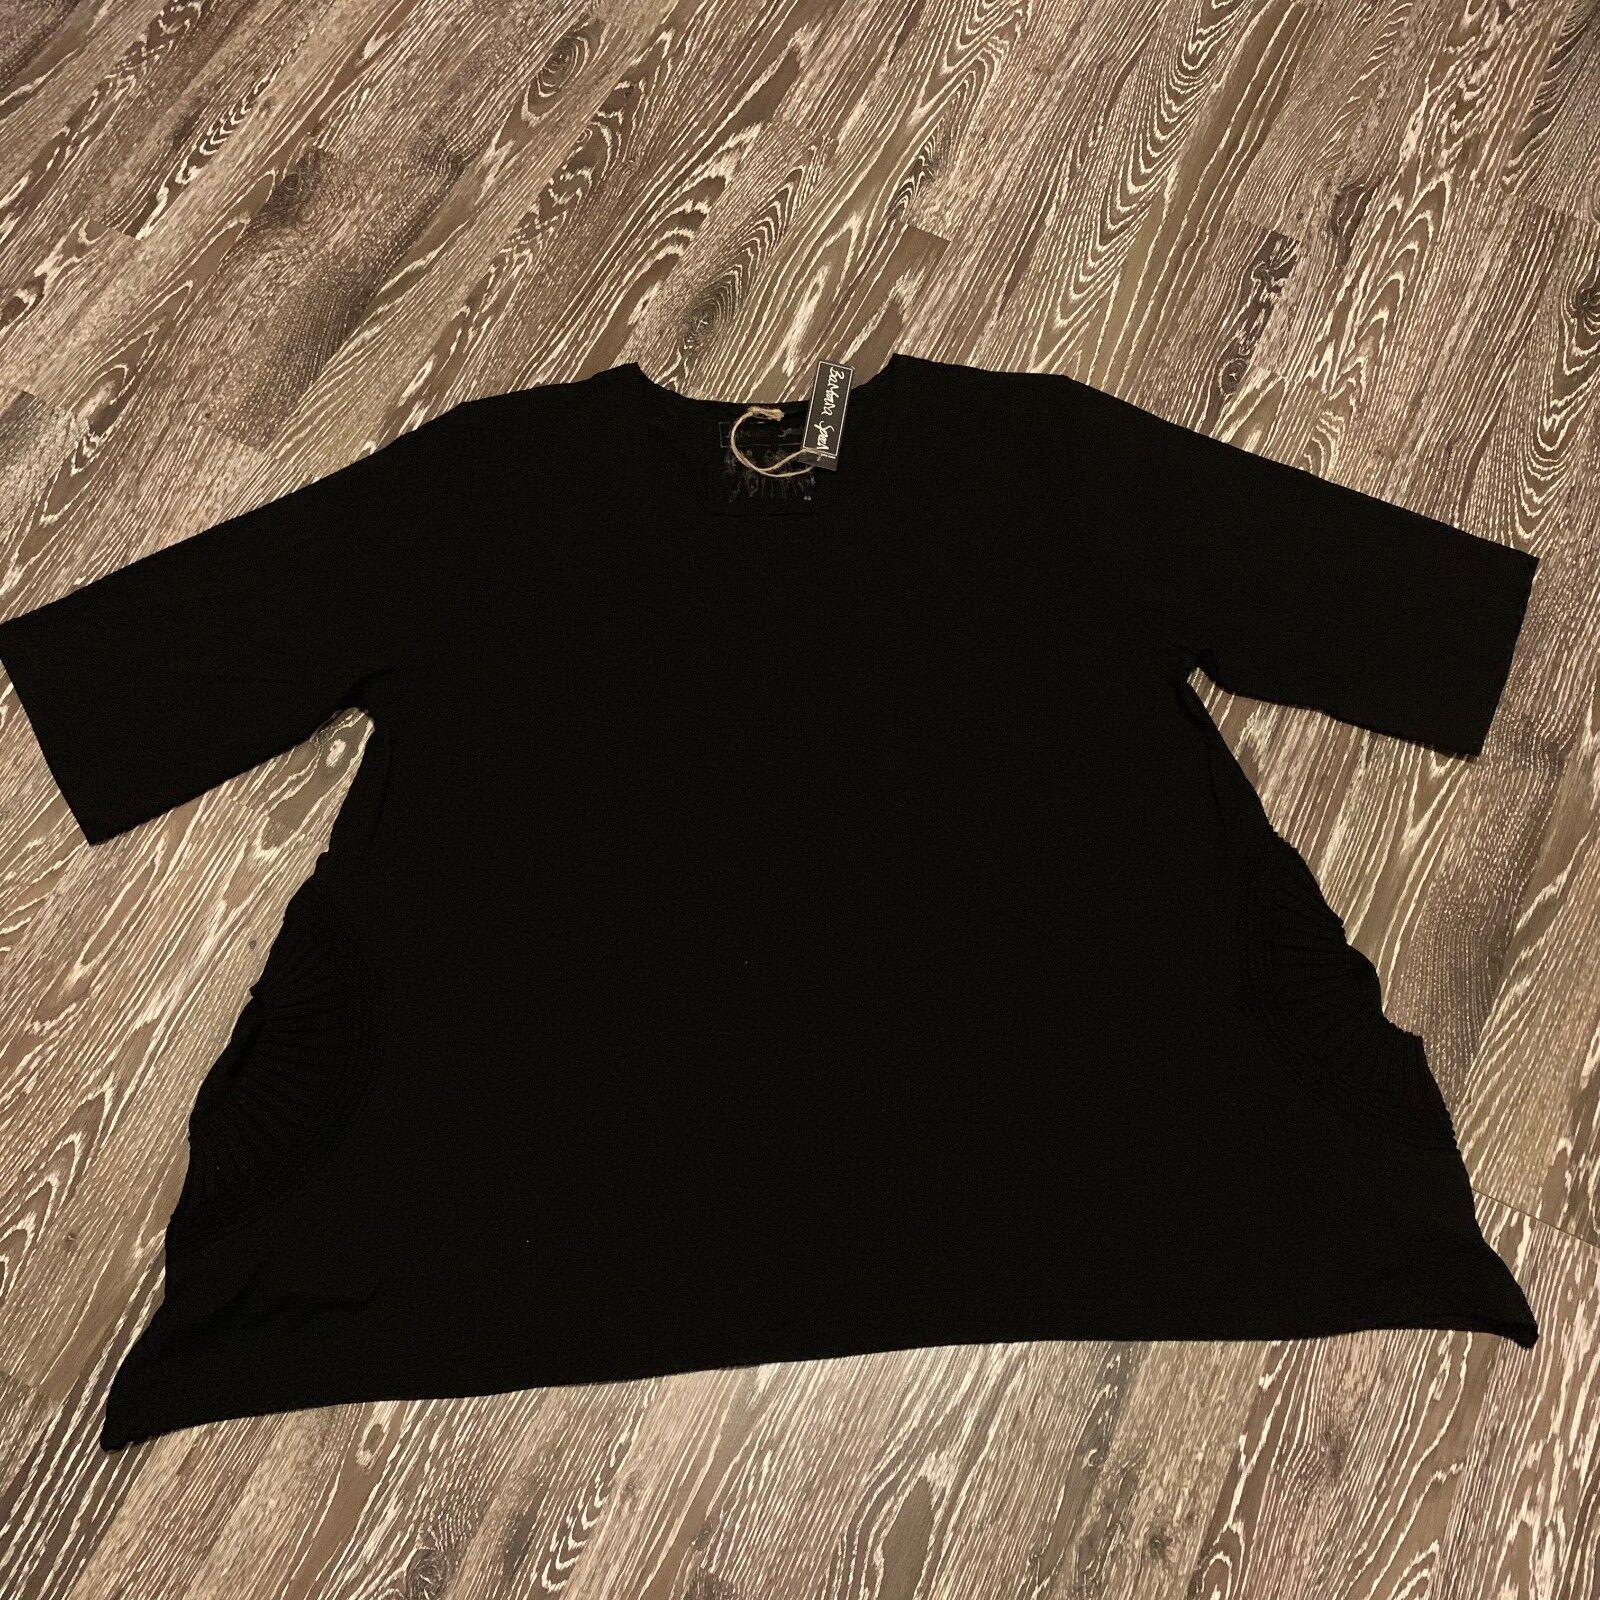 Barbara Speer Lagenlook lässig, weites T-Shirt aus Viskose in in in schwarz NEU 58c1c1